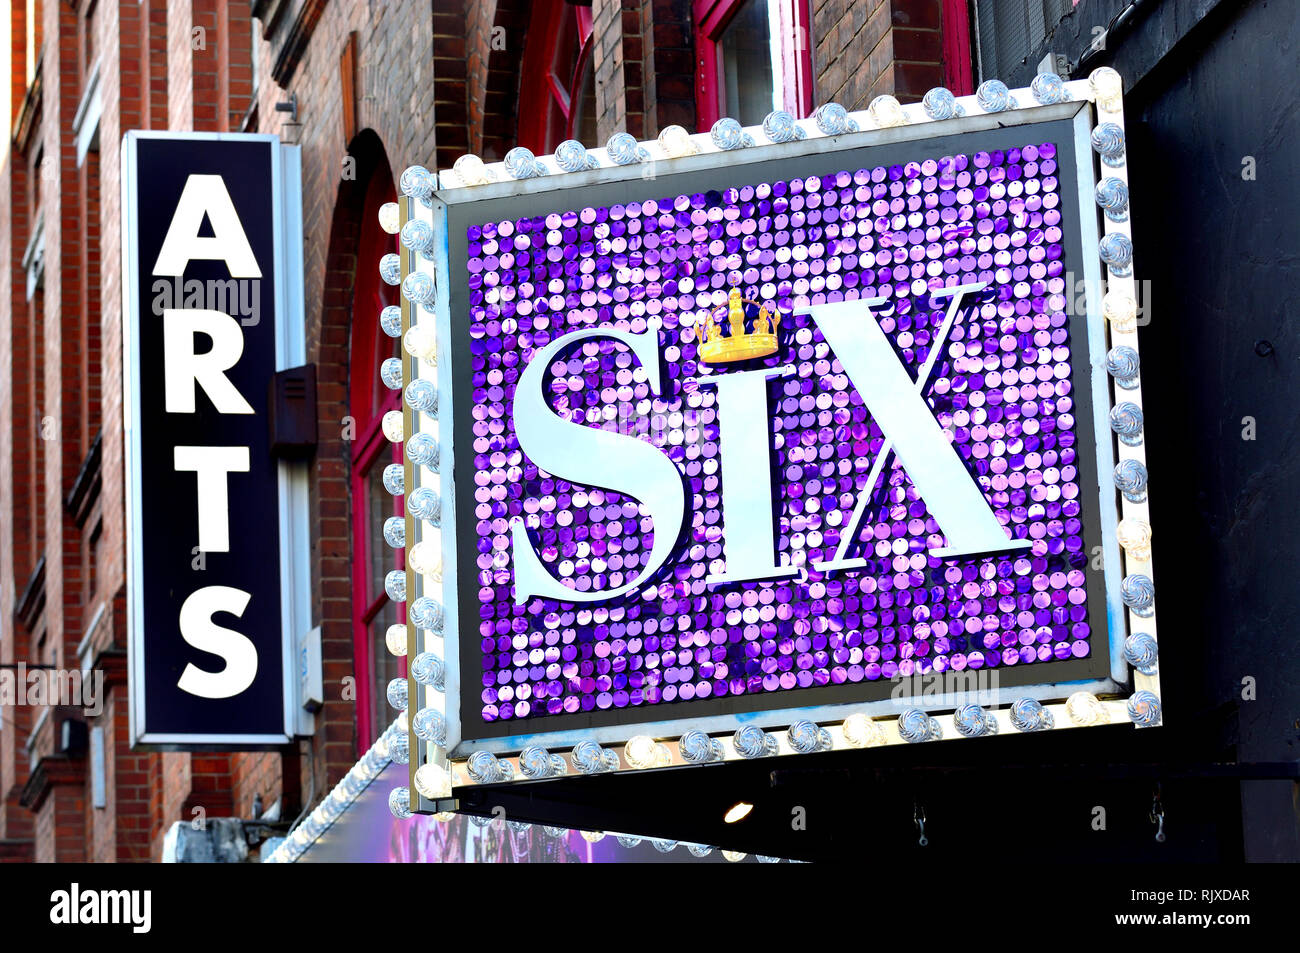 London, England, UK. Sechs, das Musical in der Arts Theater, Covent Garden (Feb. 2019) Komödie Musical auf die sechs Ehefrauen von Heinrich VIII. basierend Stockbild